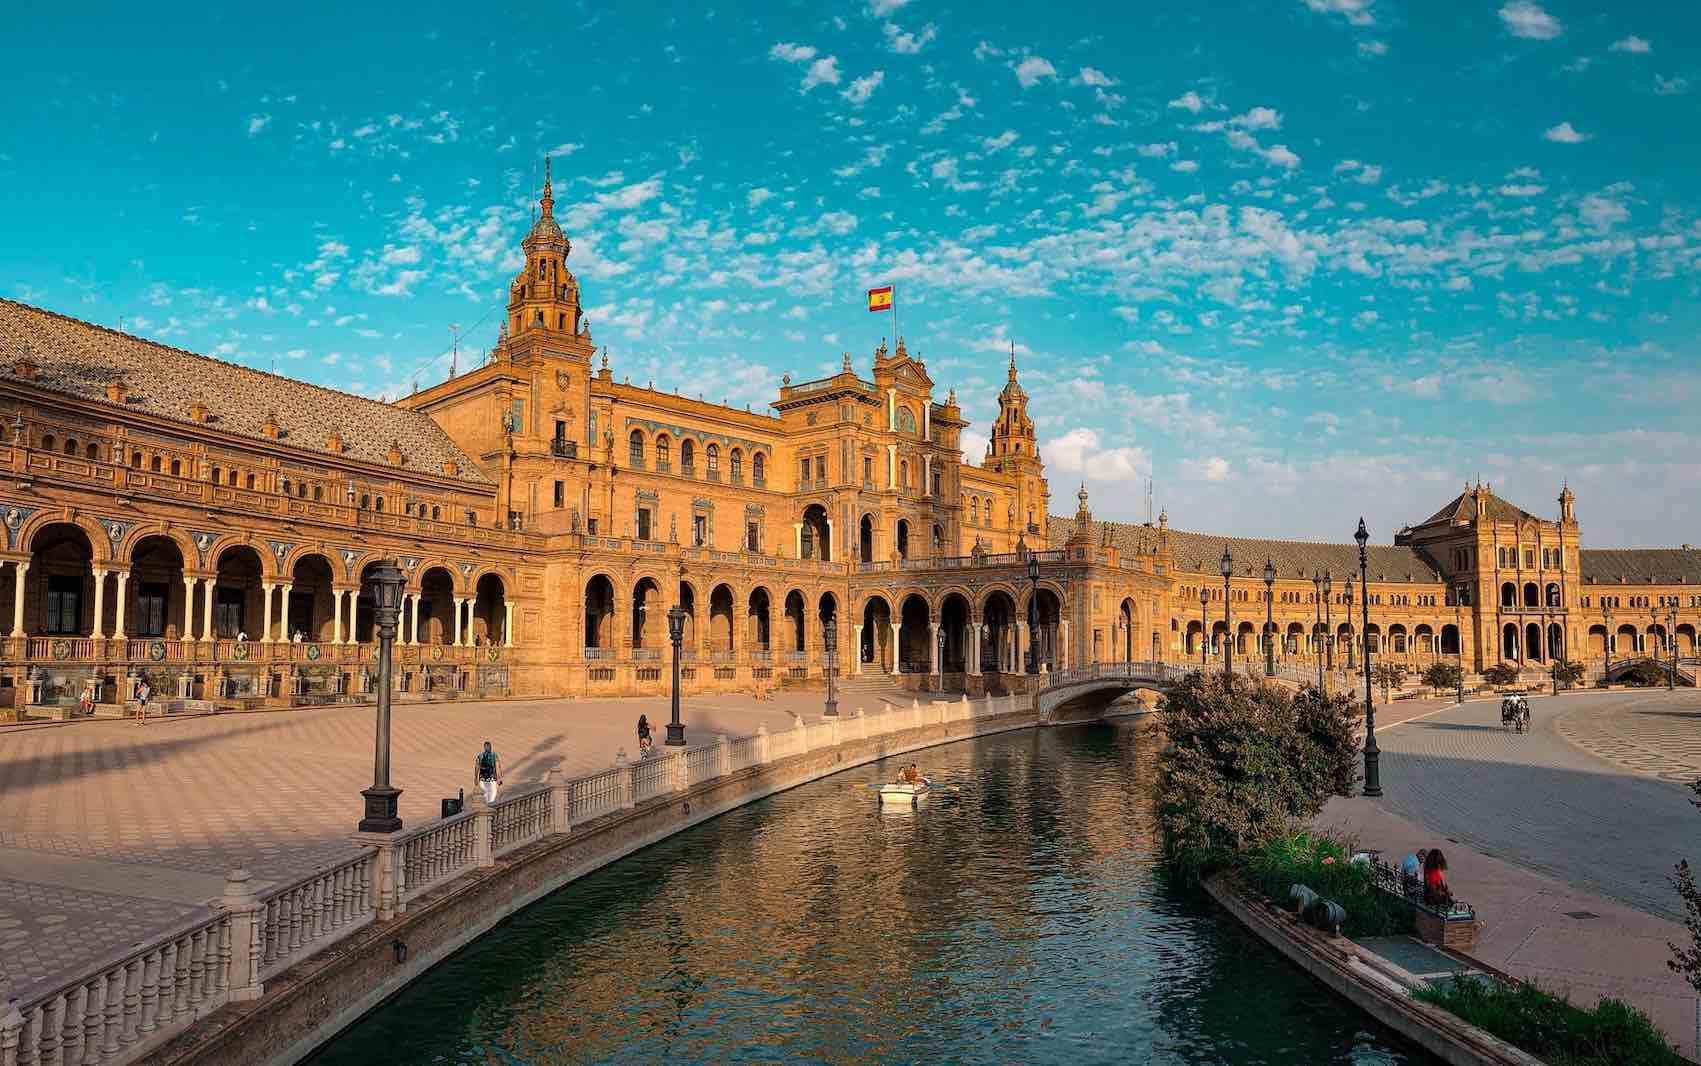 España: bancos podrán operar con criptomonedas pero deben inscribirse en un registro